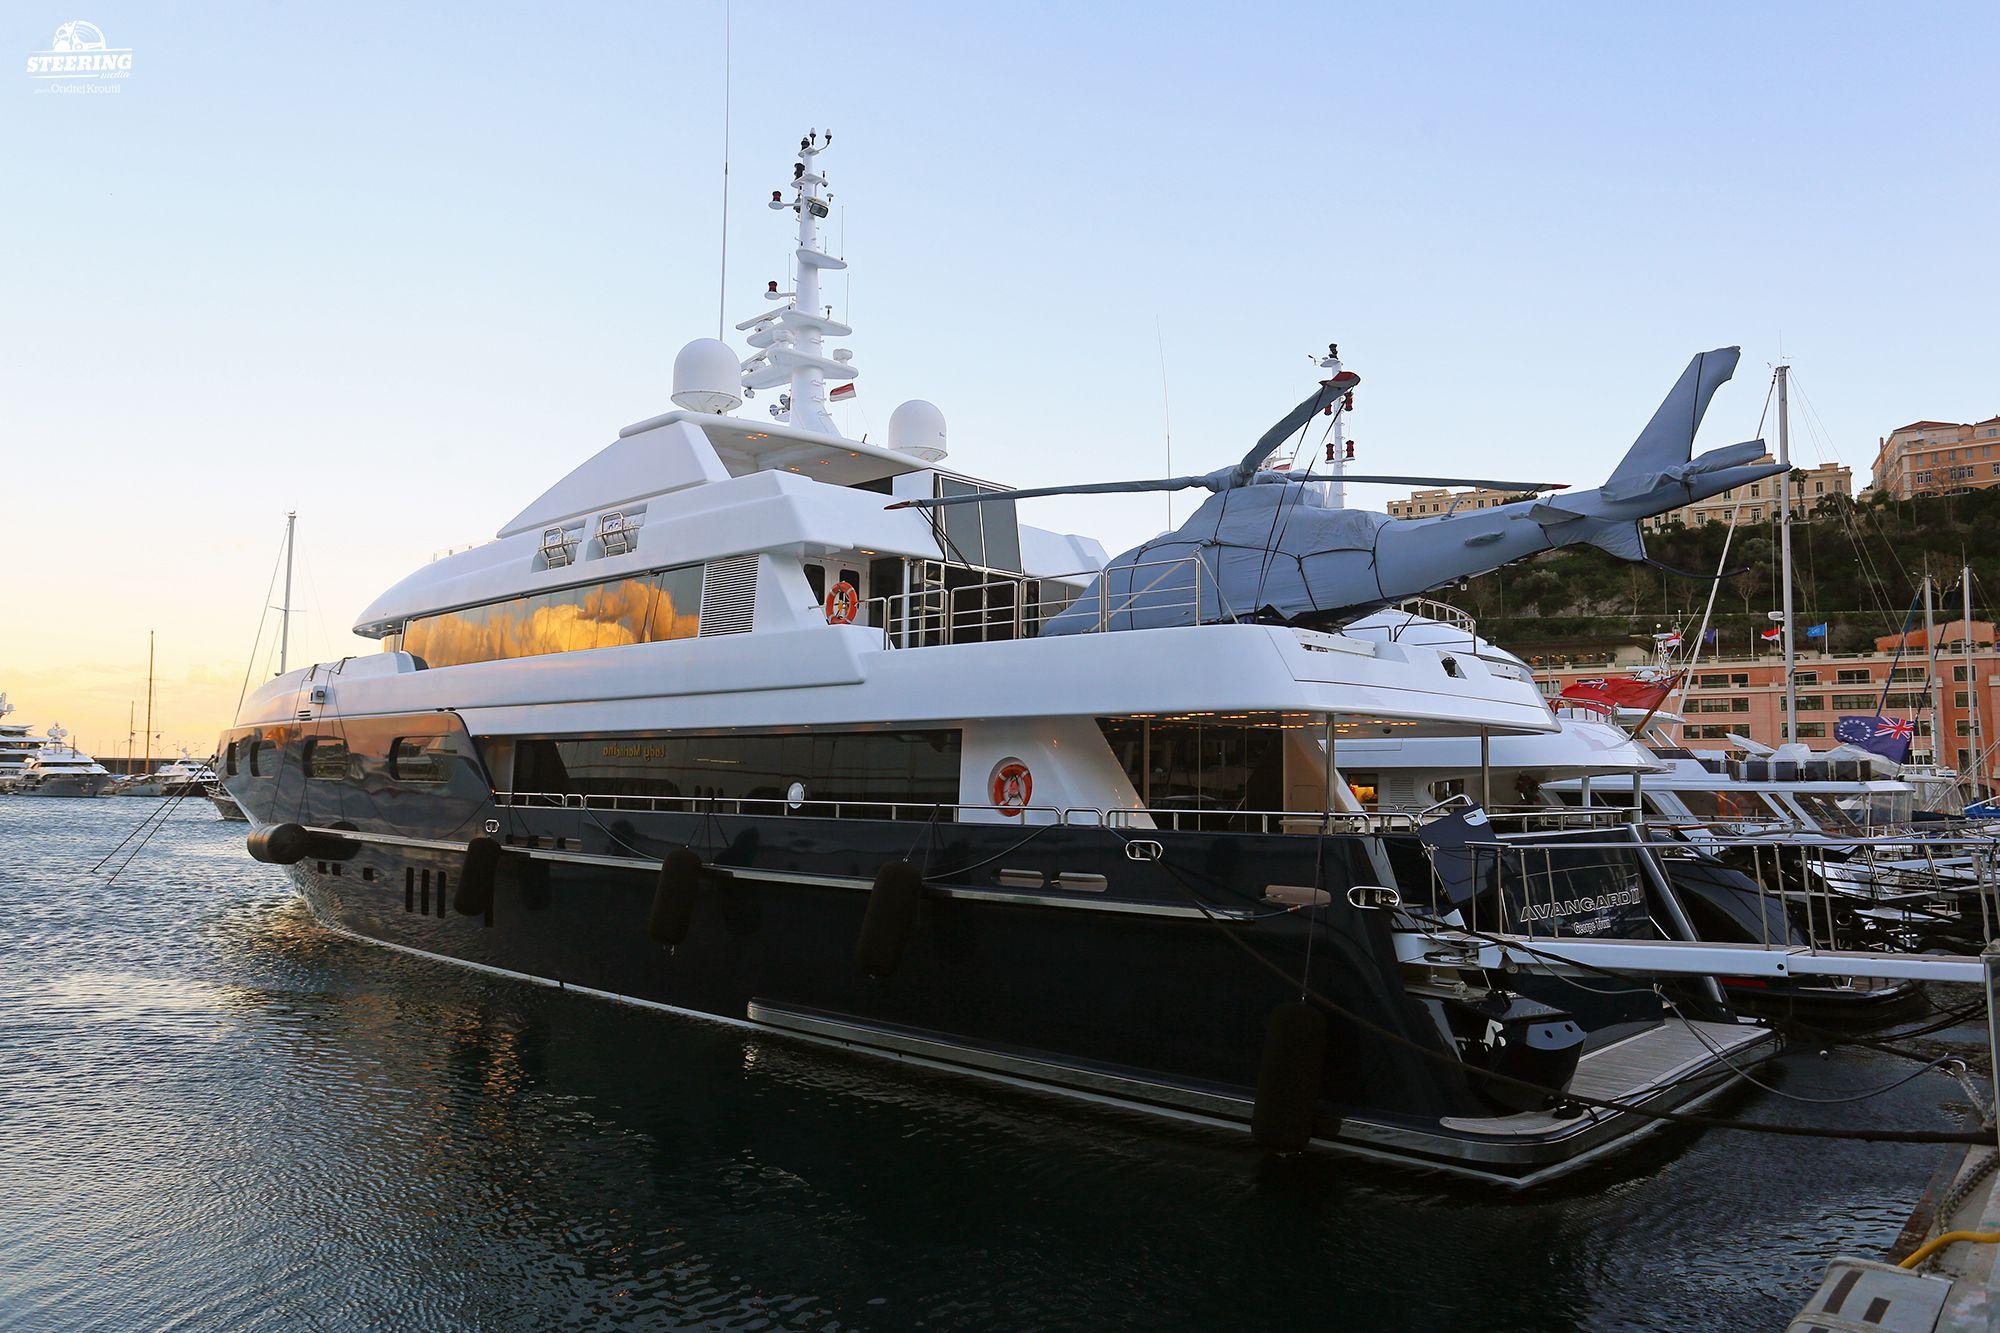 Yacht_Avantgard II